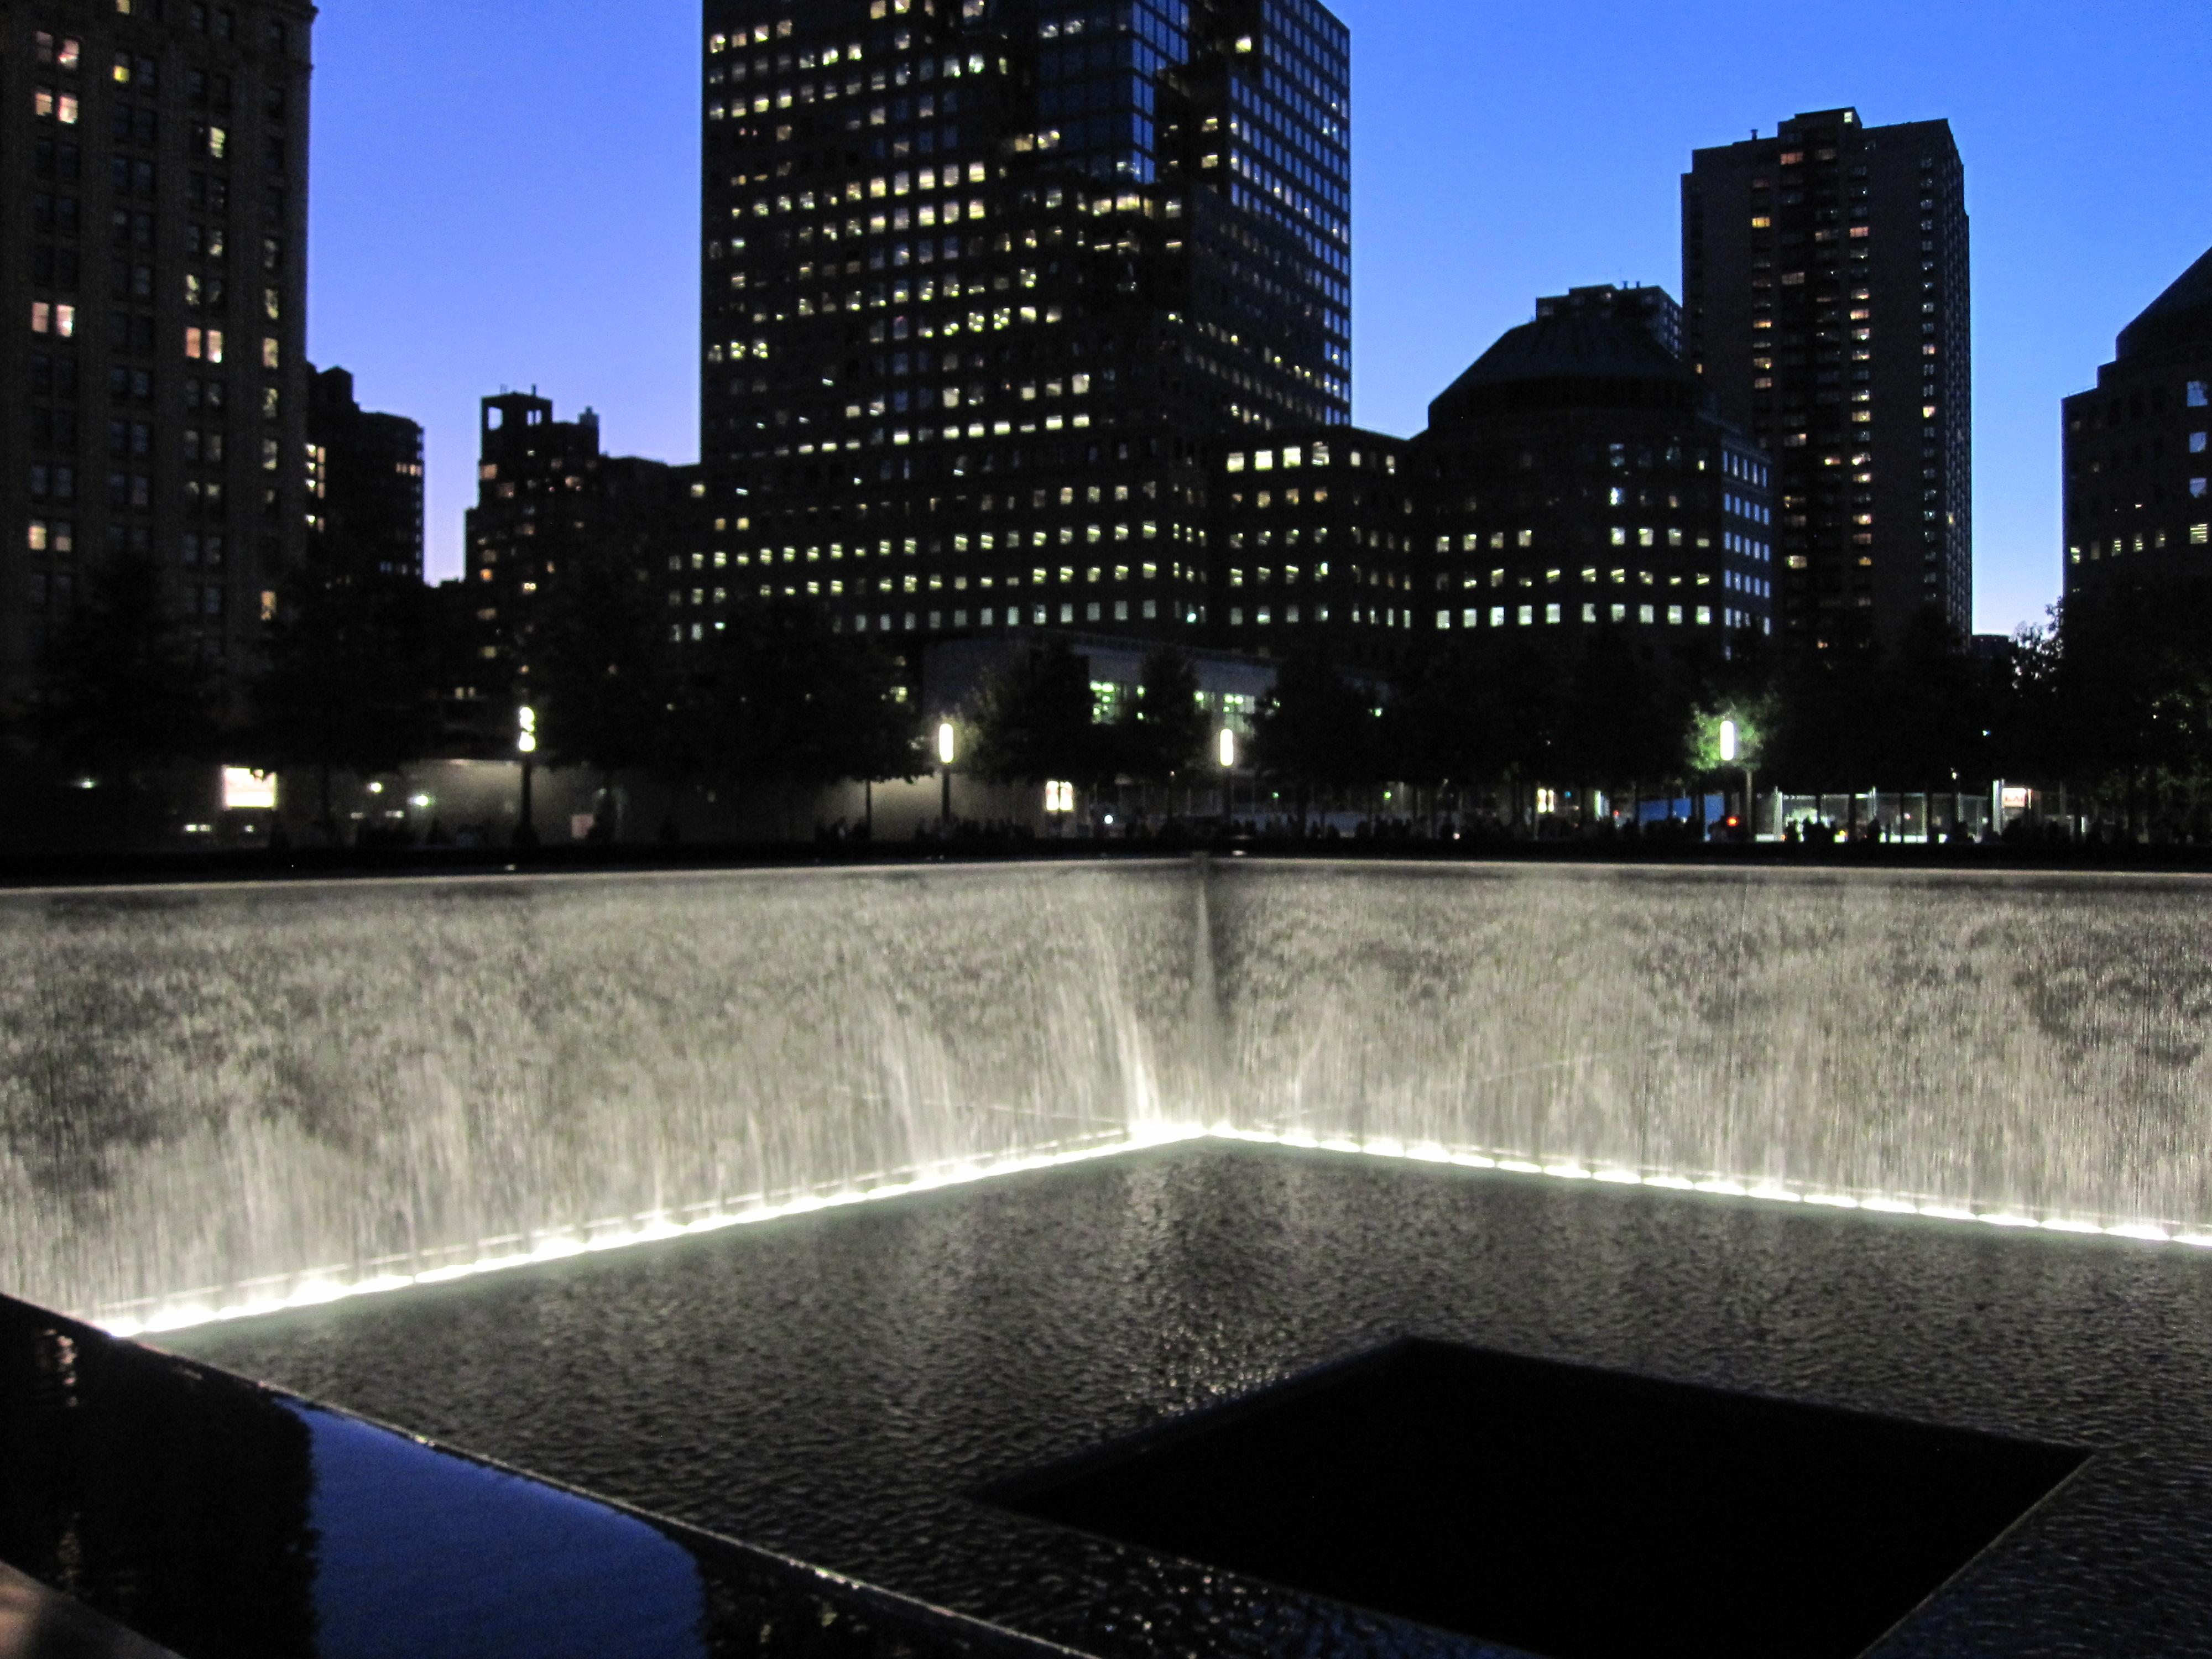 Na mieste pôdorysov veží WTC sú dnes vybudované megafontány v podobe nádrží s padajúcou vodou a menami obetí na obrubách. (Foto: Pavel Kapusta)